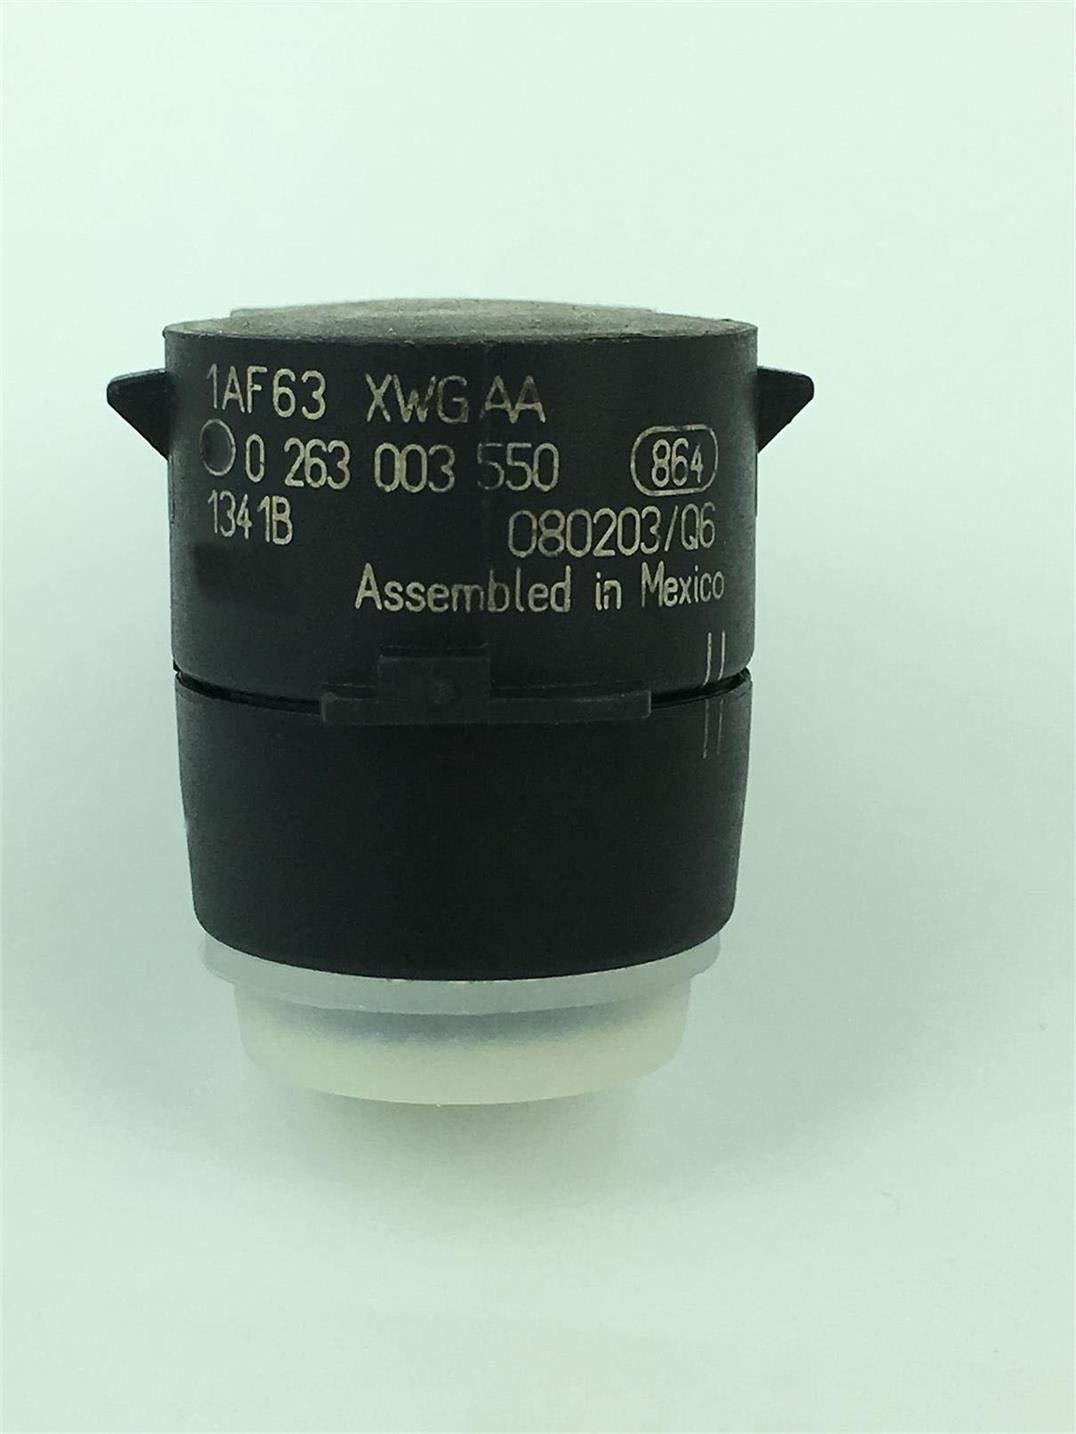 1AF63XWGAA PDC 0263003550 PDC パーキングセンサー 1AF63XWGAA リバースレーダー クライスラー 0263003550 ダッジジープ用 B07JH8VJLJ, AKATSUKI JAPAN:b3a728e8 --- loveszsator.hu